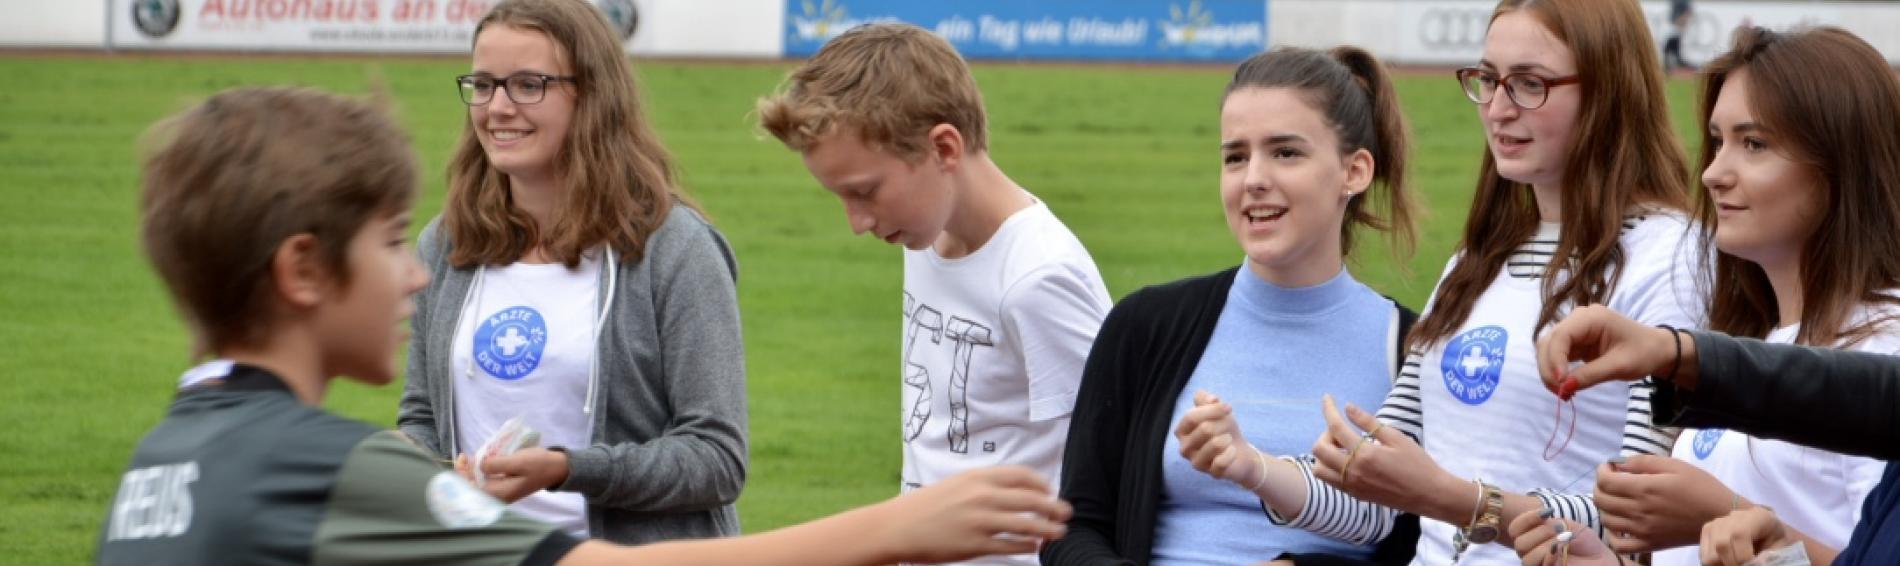 Spendenlauf an der Freiherr-von-Ickstatt-Realschule. Foto: Ärzte der Welt